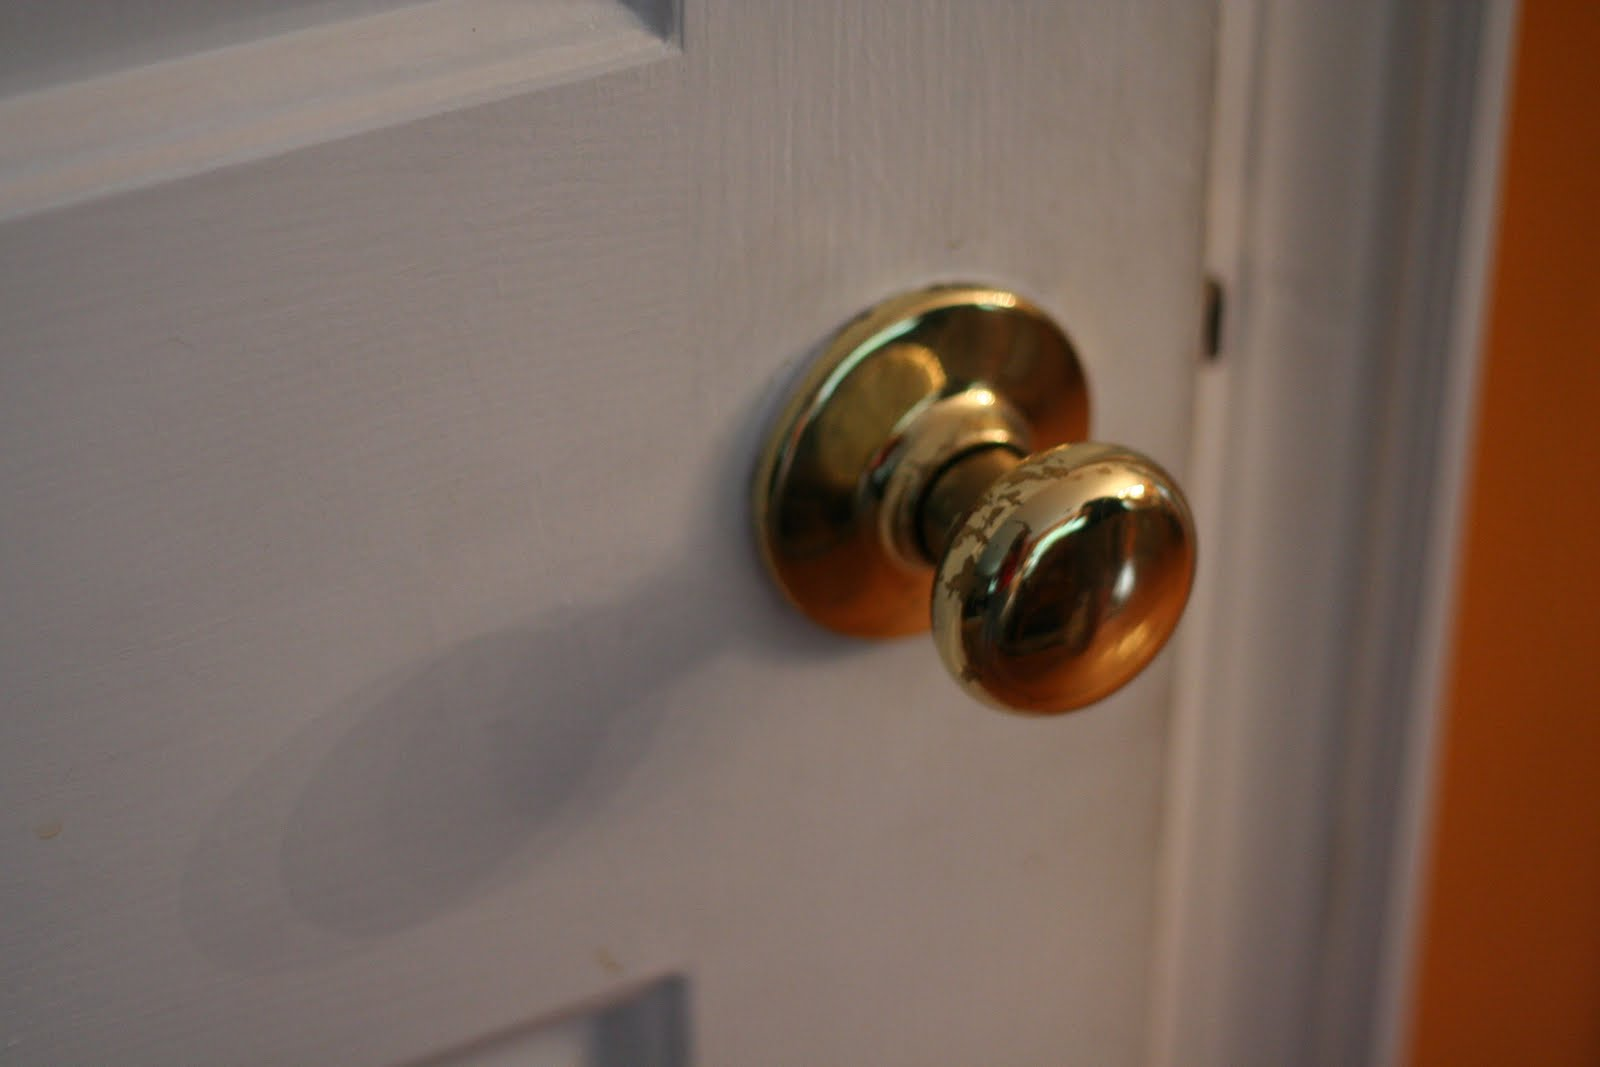 replacing old door knobs photo - 3